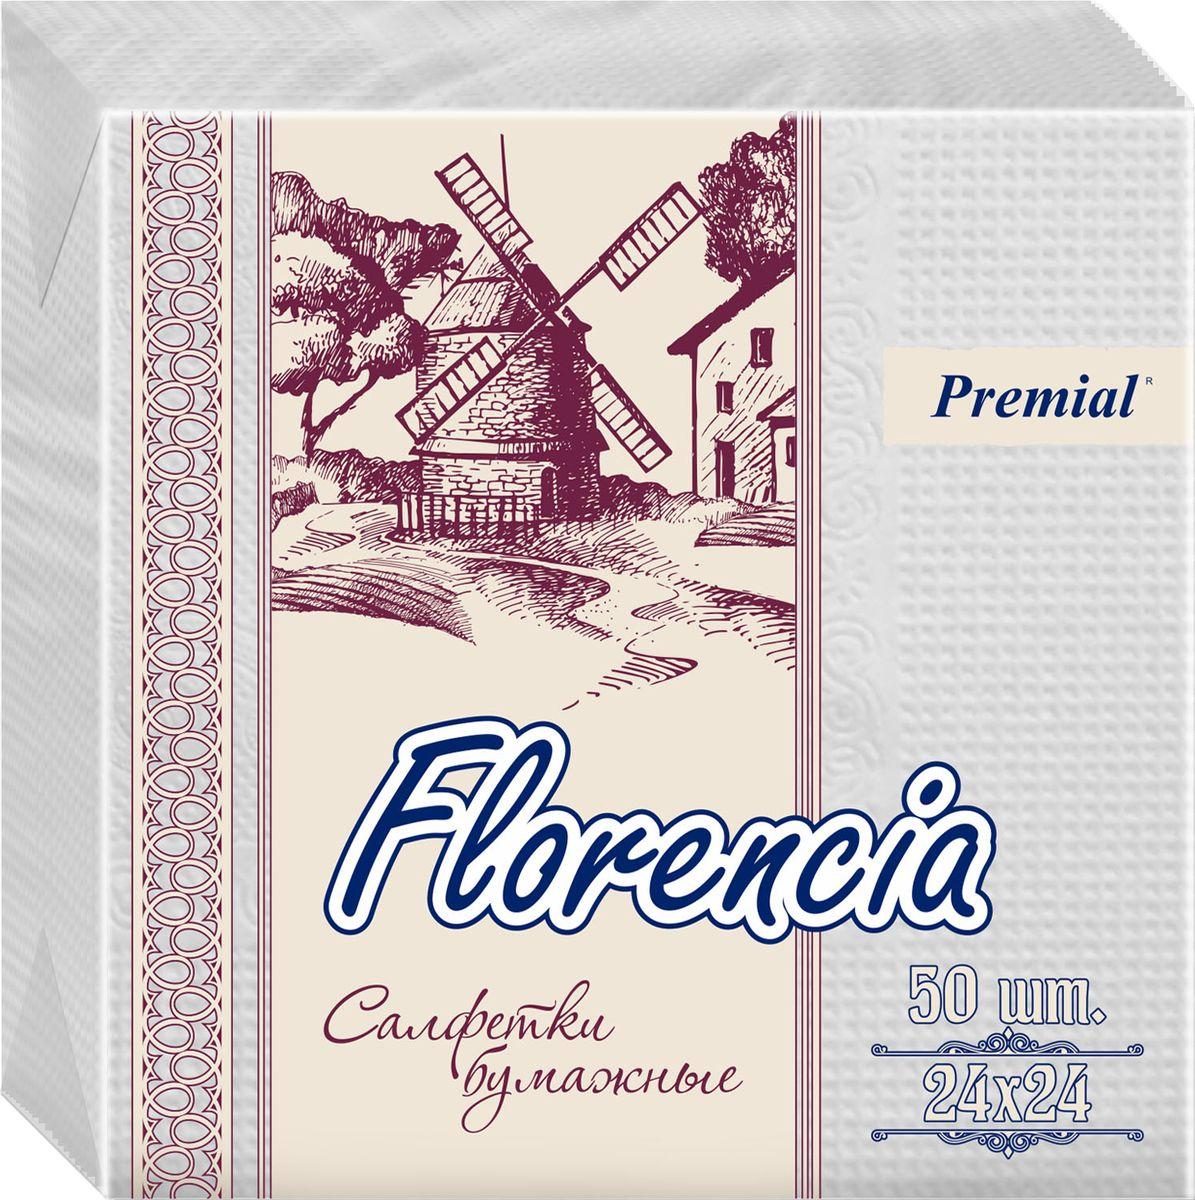 Premial Florencia Салфетки декоративные двухслойные белые, 50 шт5010777139655Основными преимуществами декоративных бумажных салфеток Florencia марки PREMIAL являются:- Высокое качество. Благодаря новейшим разработкам салфетки обладают хорошей впитываемостью и прочностью- Салфетки имеют оригинальную тисненную текстуру, которая придает им особую мягкость и дополнительную привлекательность- Широкий ассортиментный ряд.- Яркий и стильный дизайн упаковки, привлекающий взгляд